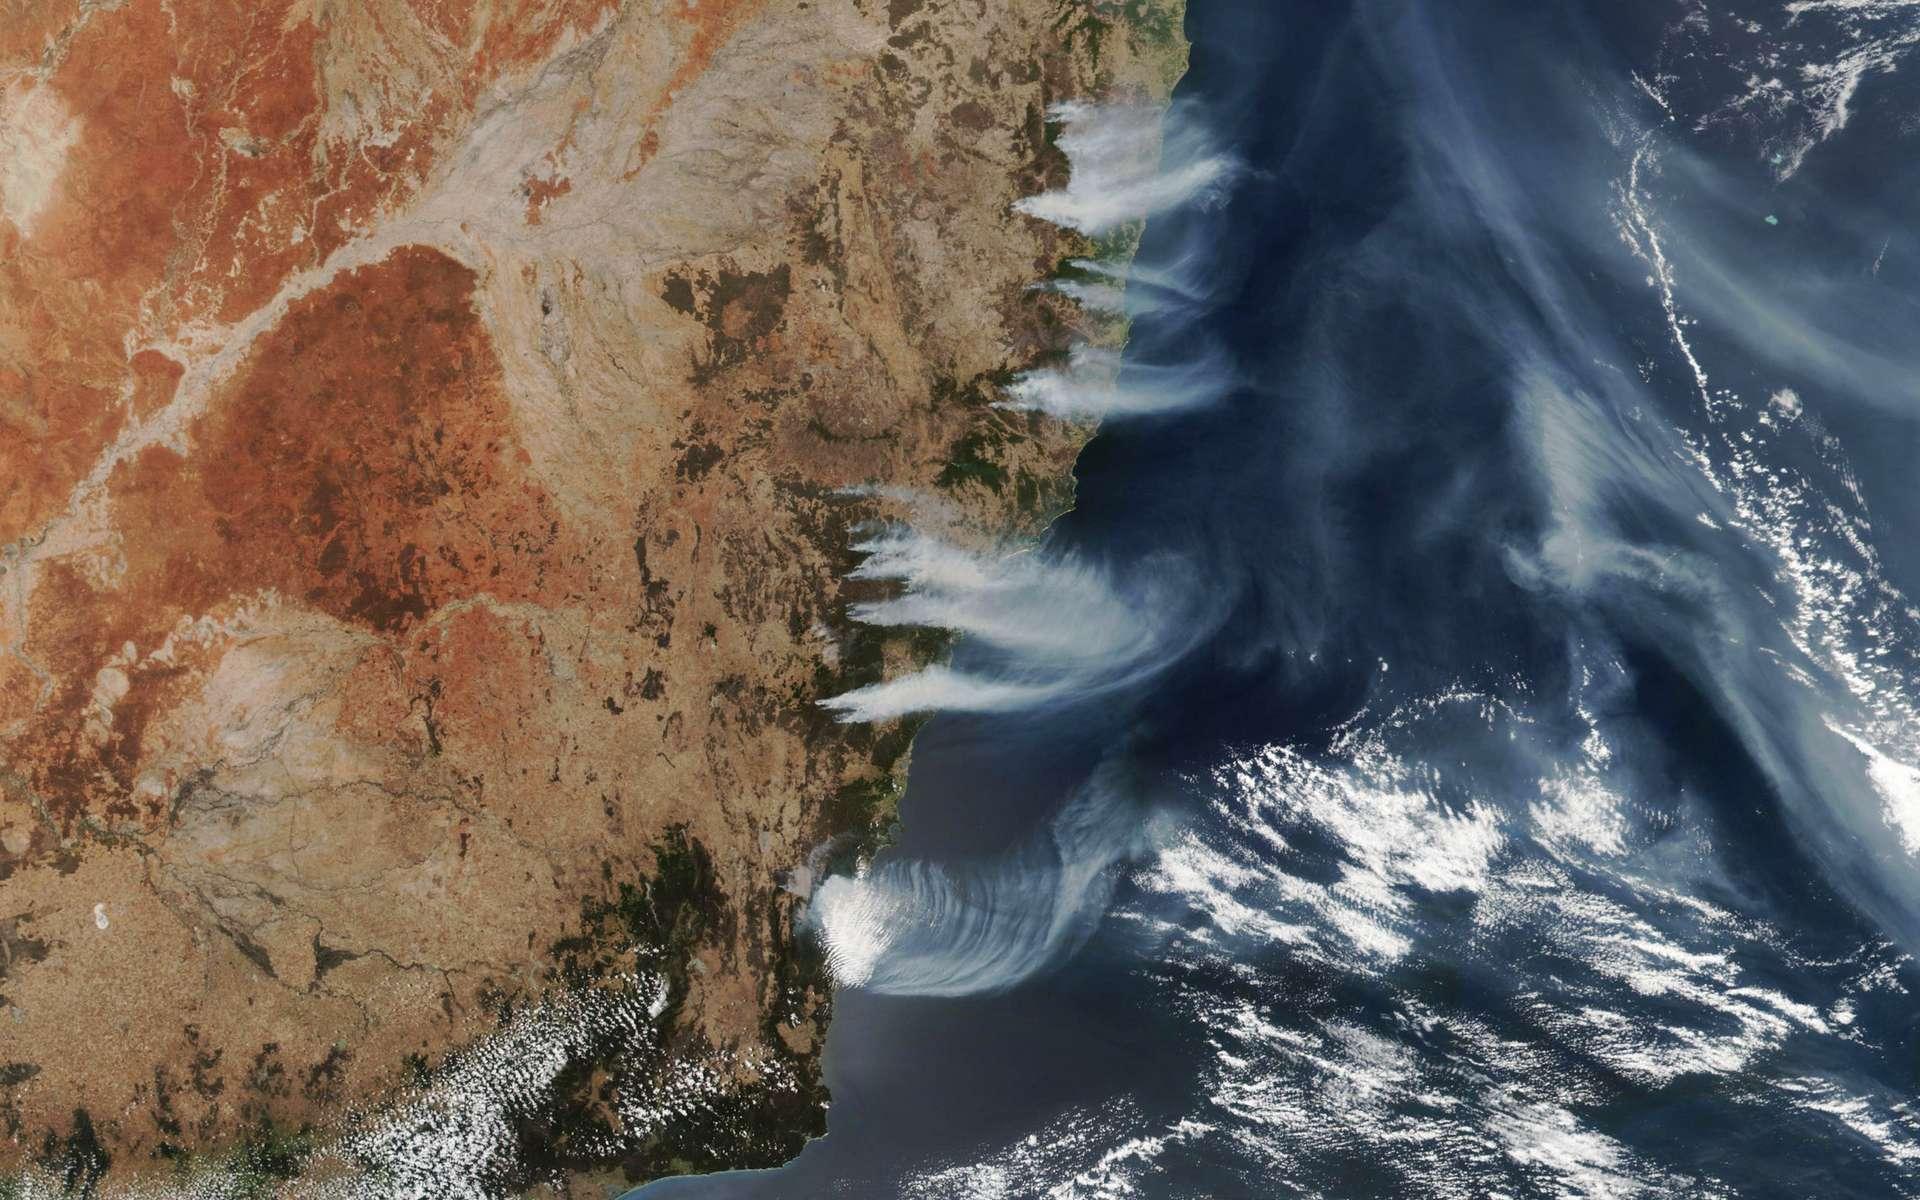 Les feux font toujours rage en Australie. © Lauren Dauphin, Nasa